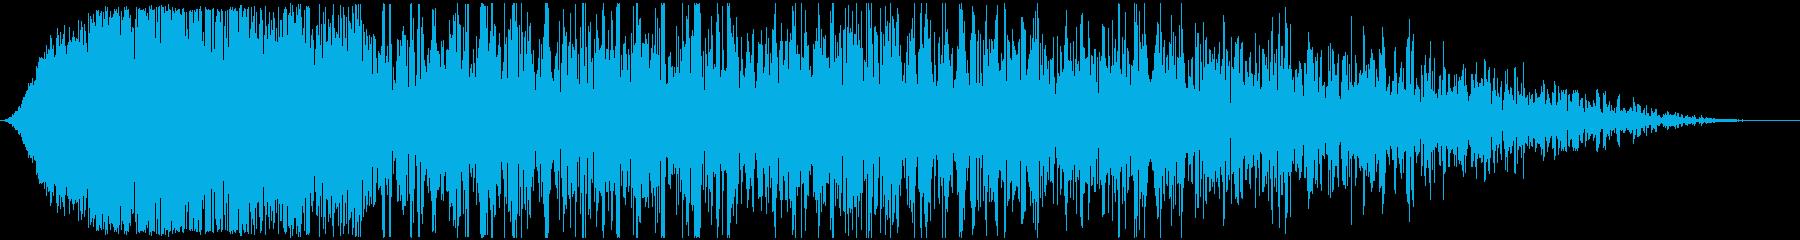 【SF】 宇宙船 エンジン音 噴射の再生済みの波形